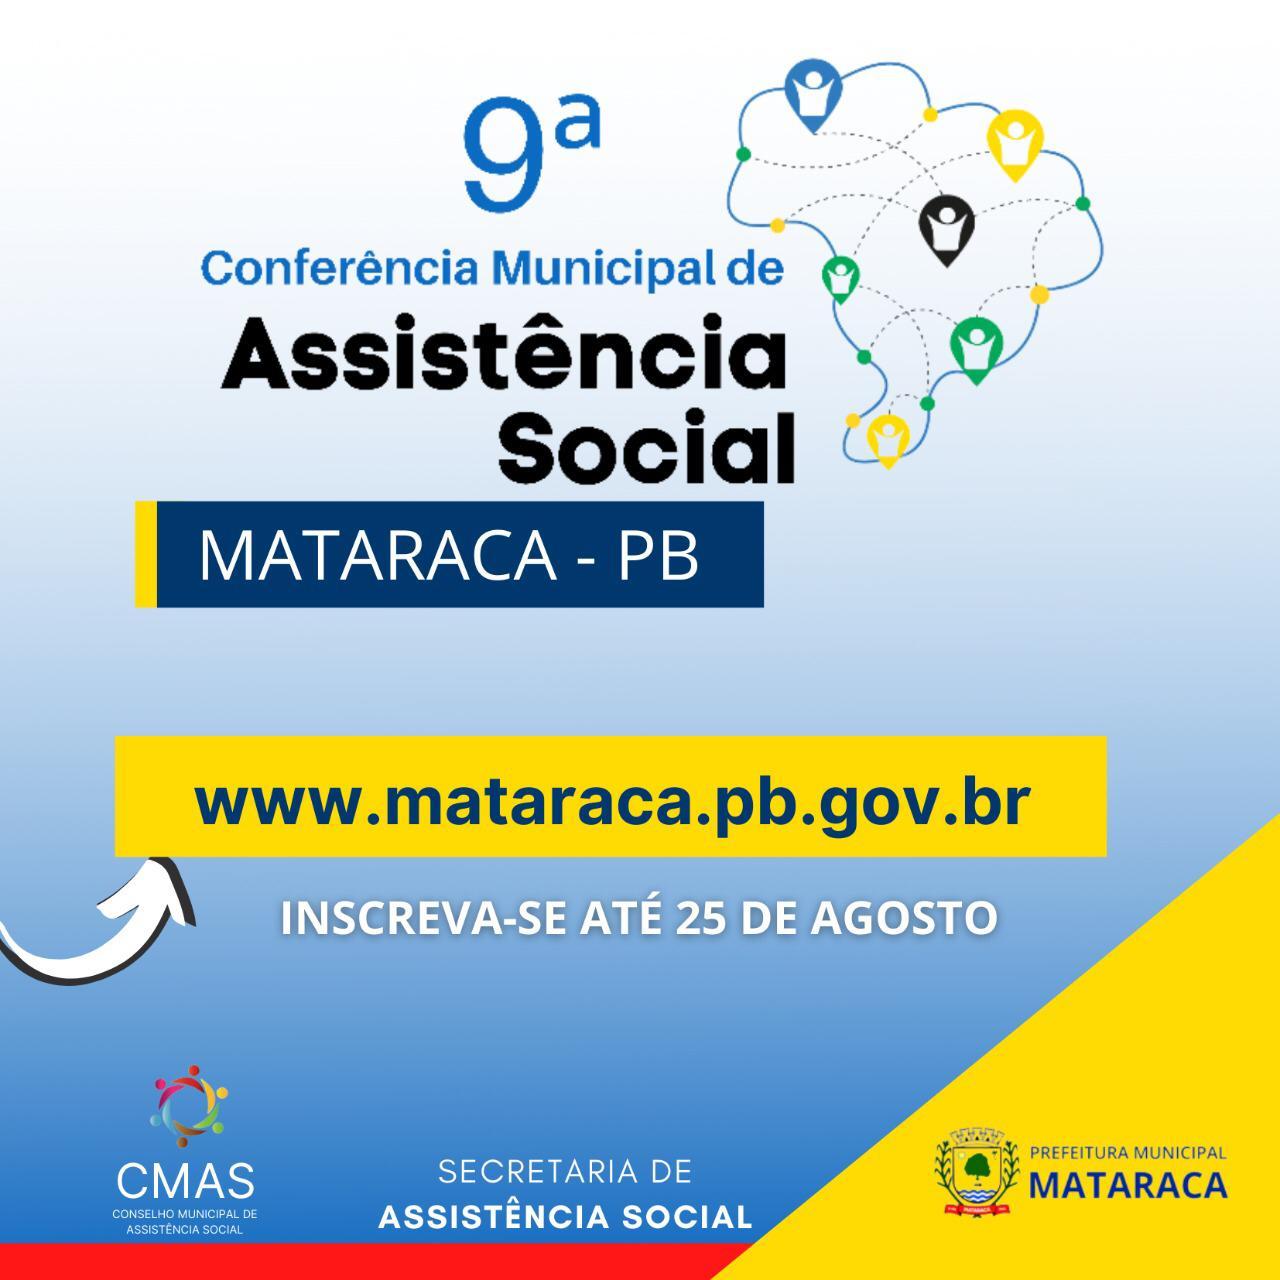 Conferência  Municipal de  de Assistência Social – Mataraca-PB